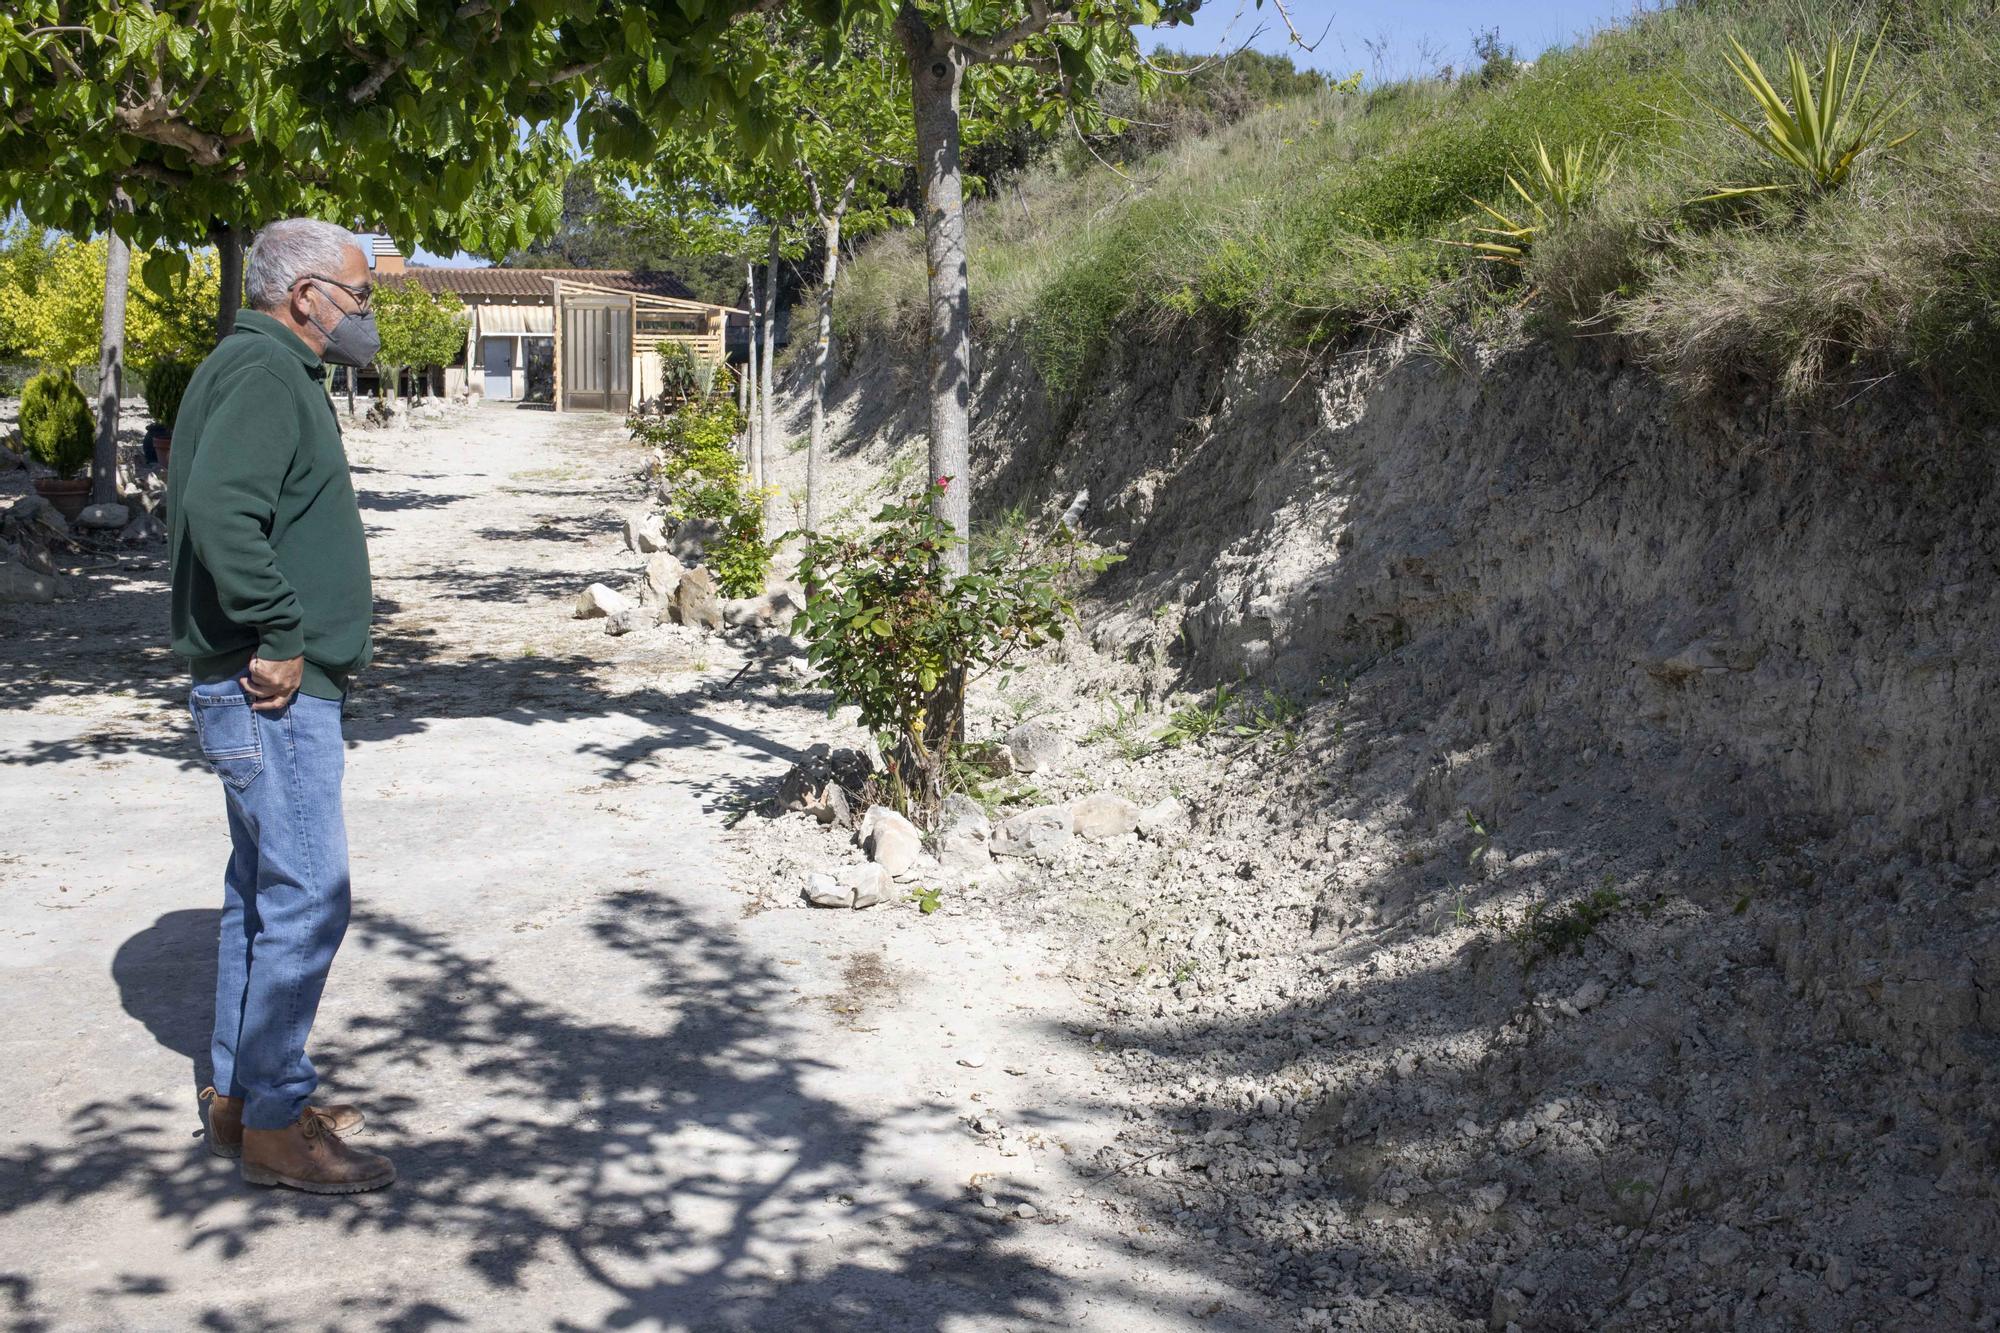 Los jabalíes destrozan parcelas de la urbanización Bixquert